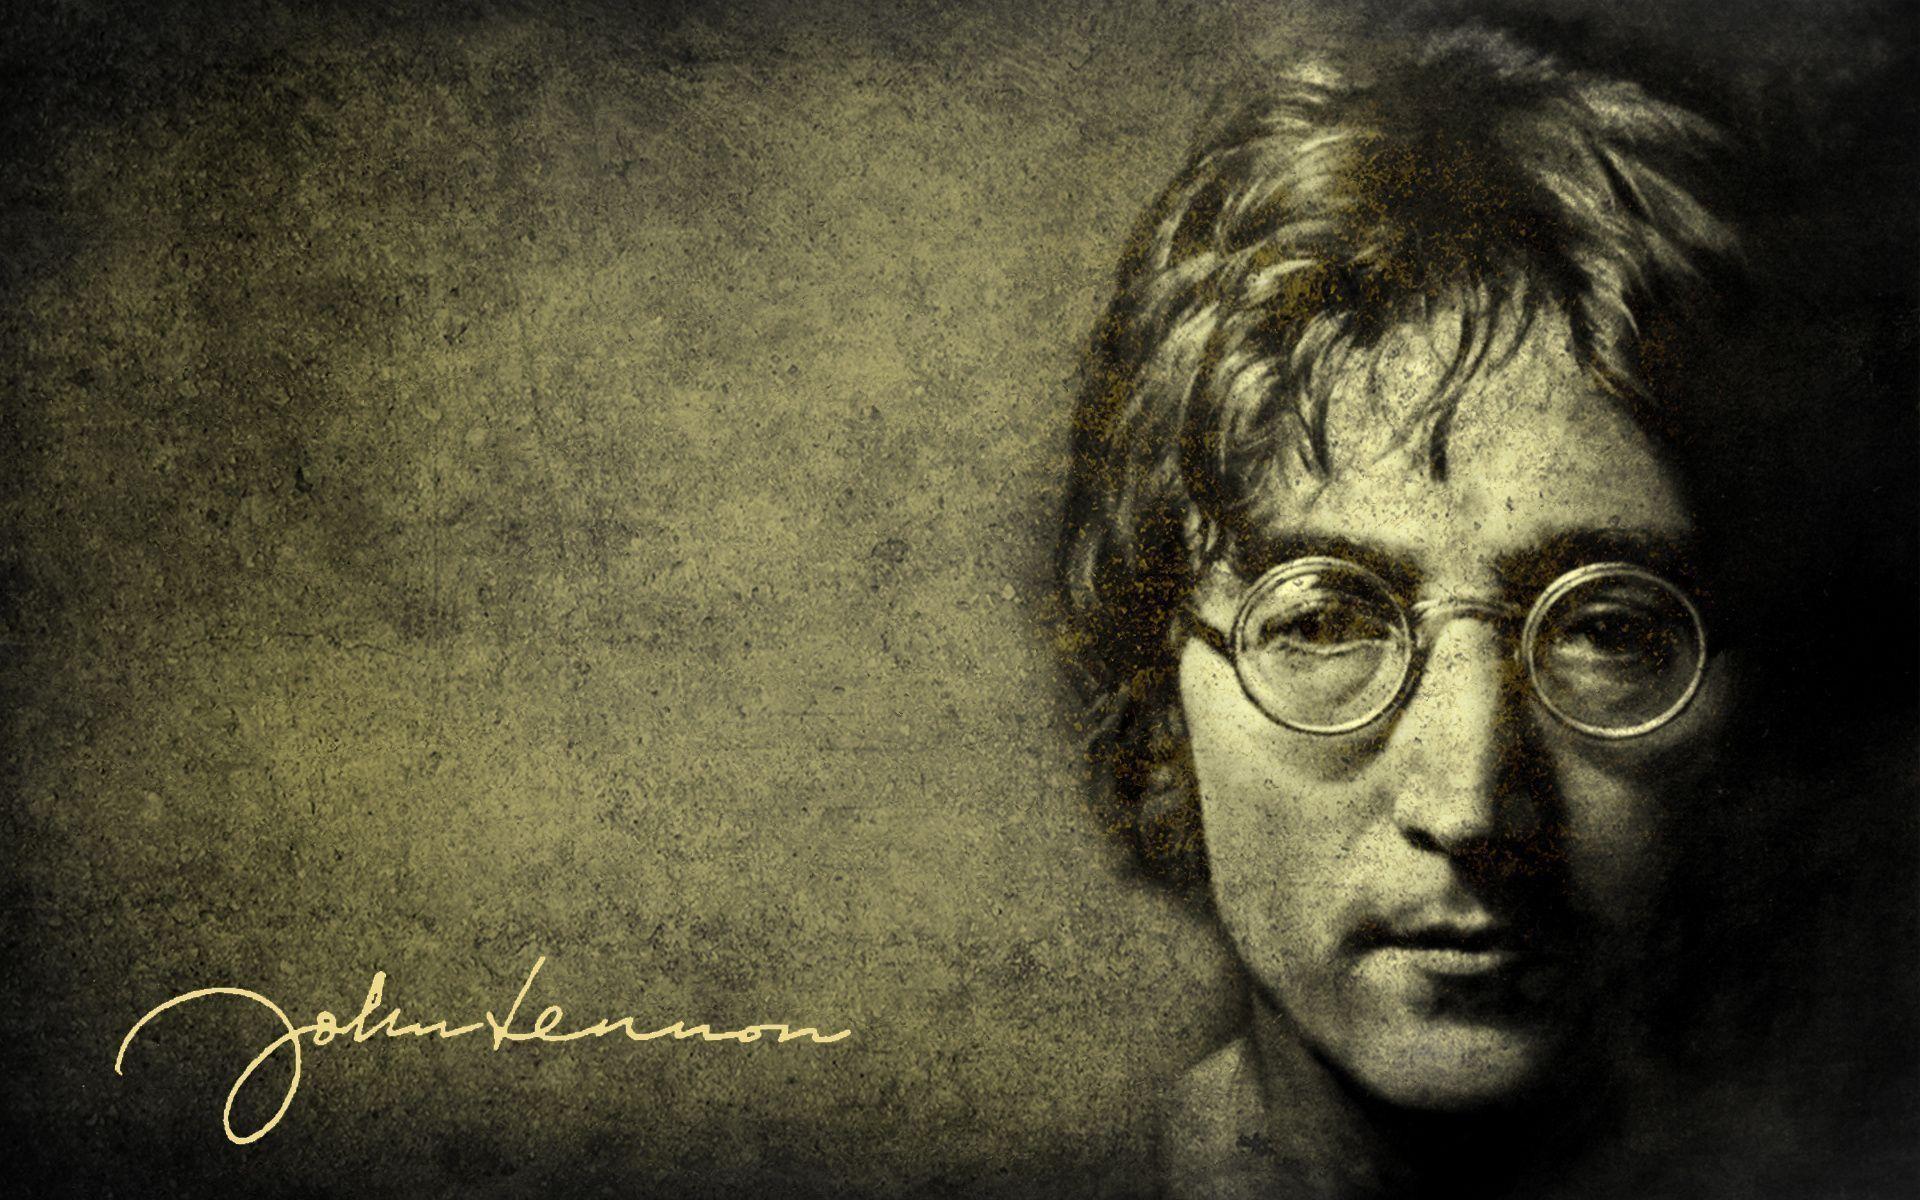 John Lennon Wallpaper   John Lennon Pictures   Cool Wallpapers